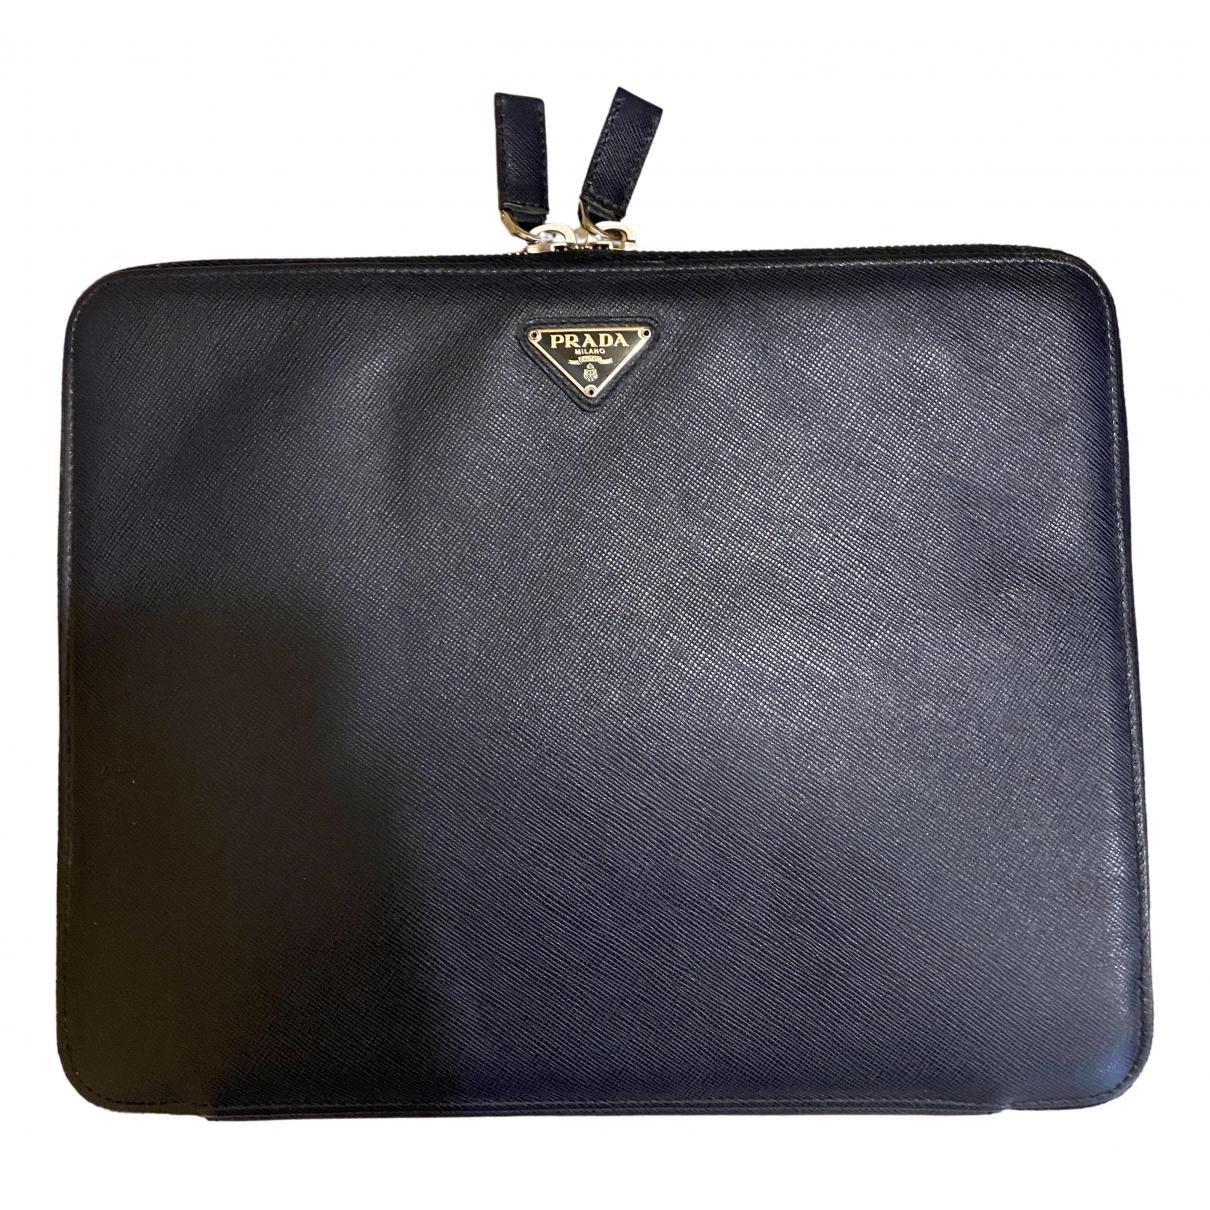 Prada - Accessoires   pour lifestyle en cuir - bleu